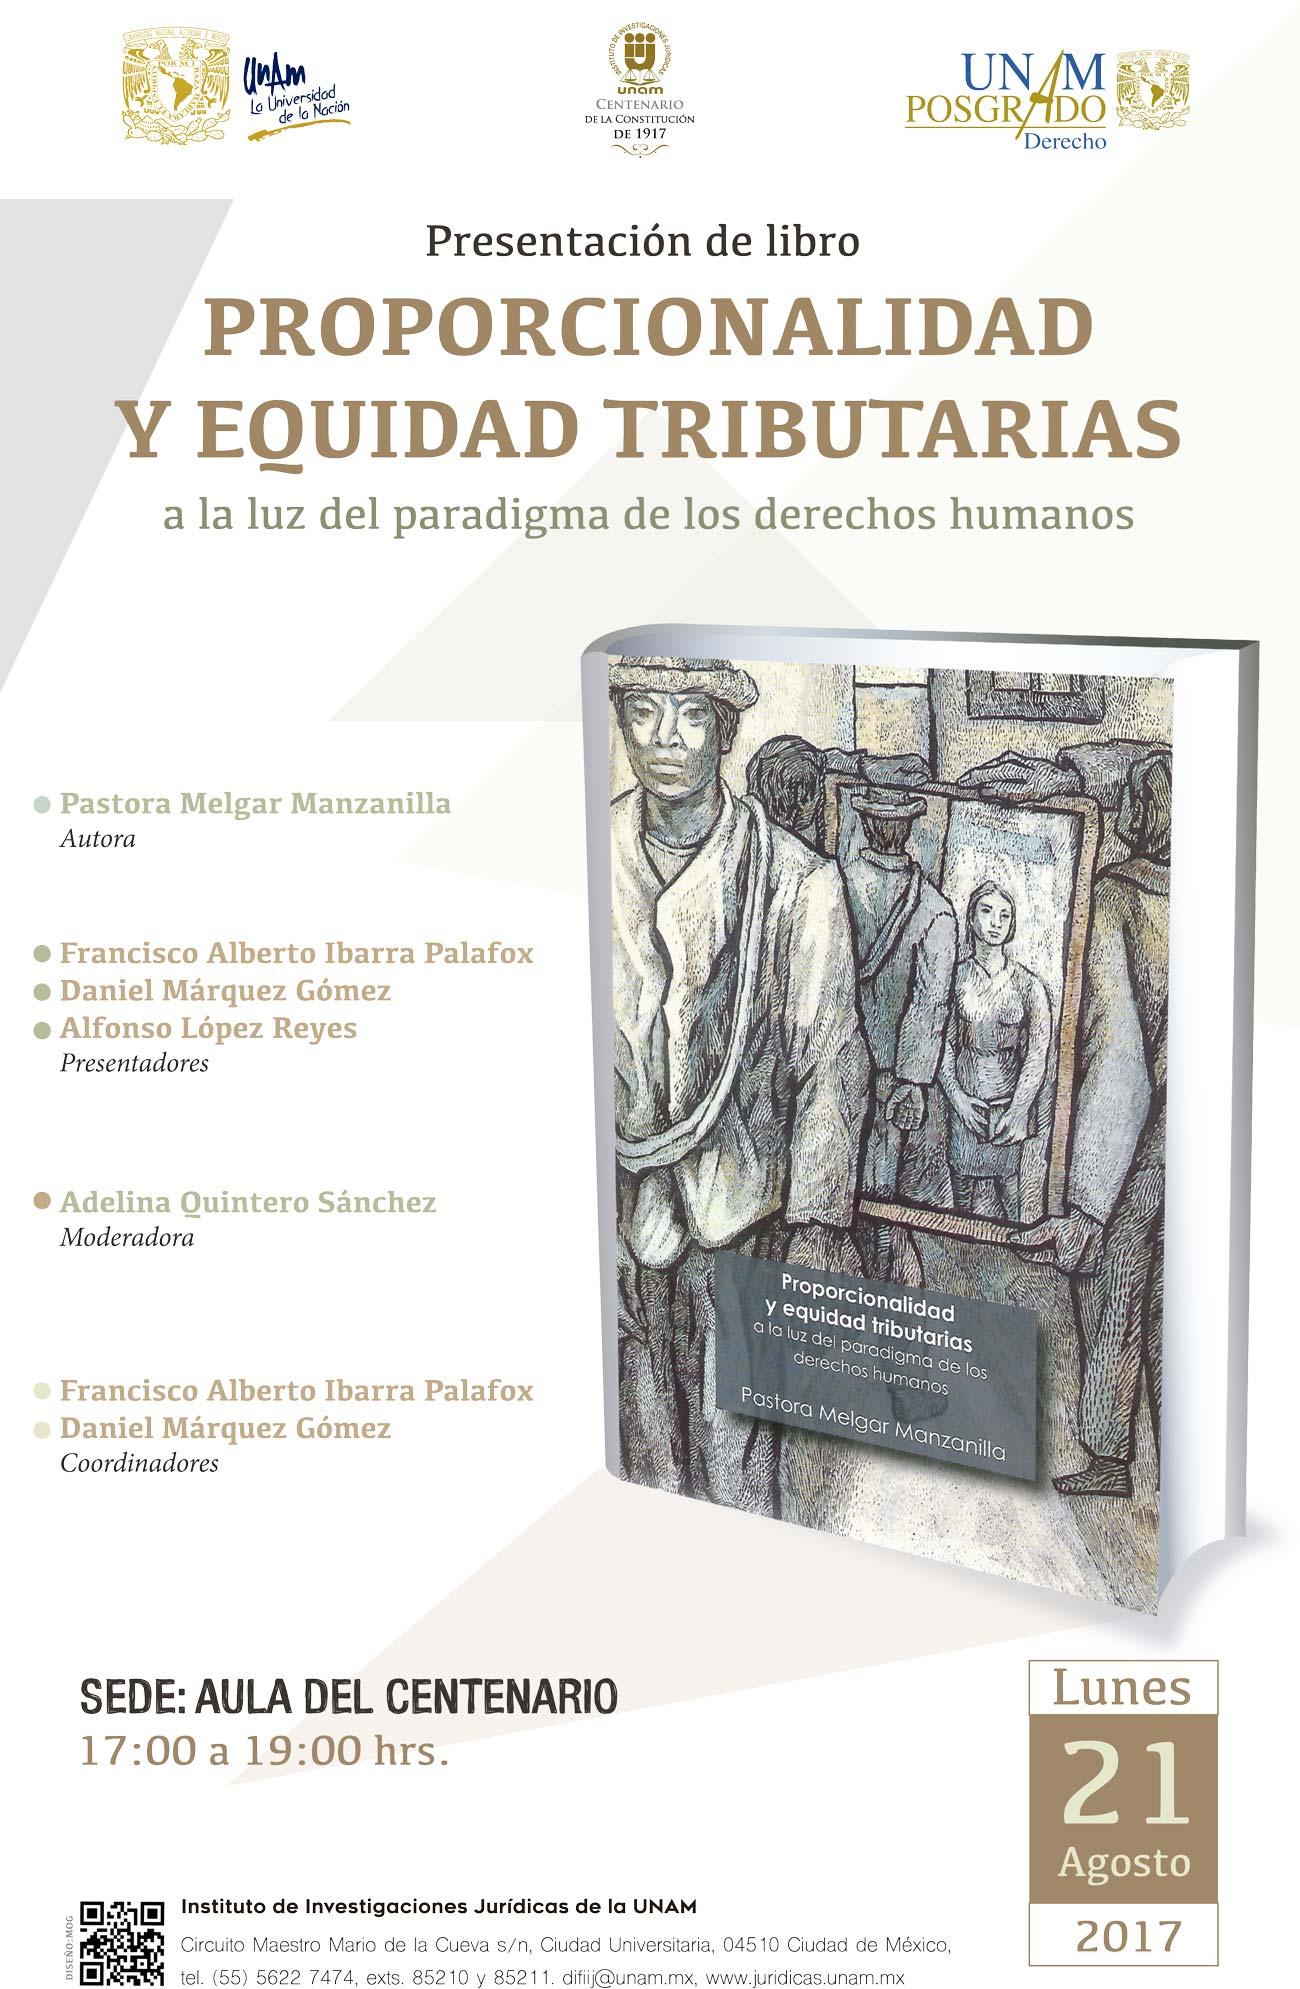 Proporcionalidad y equidad tributarias a la luz del paradigma de los Derechos Humanos